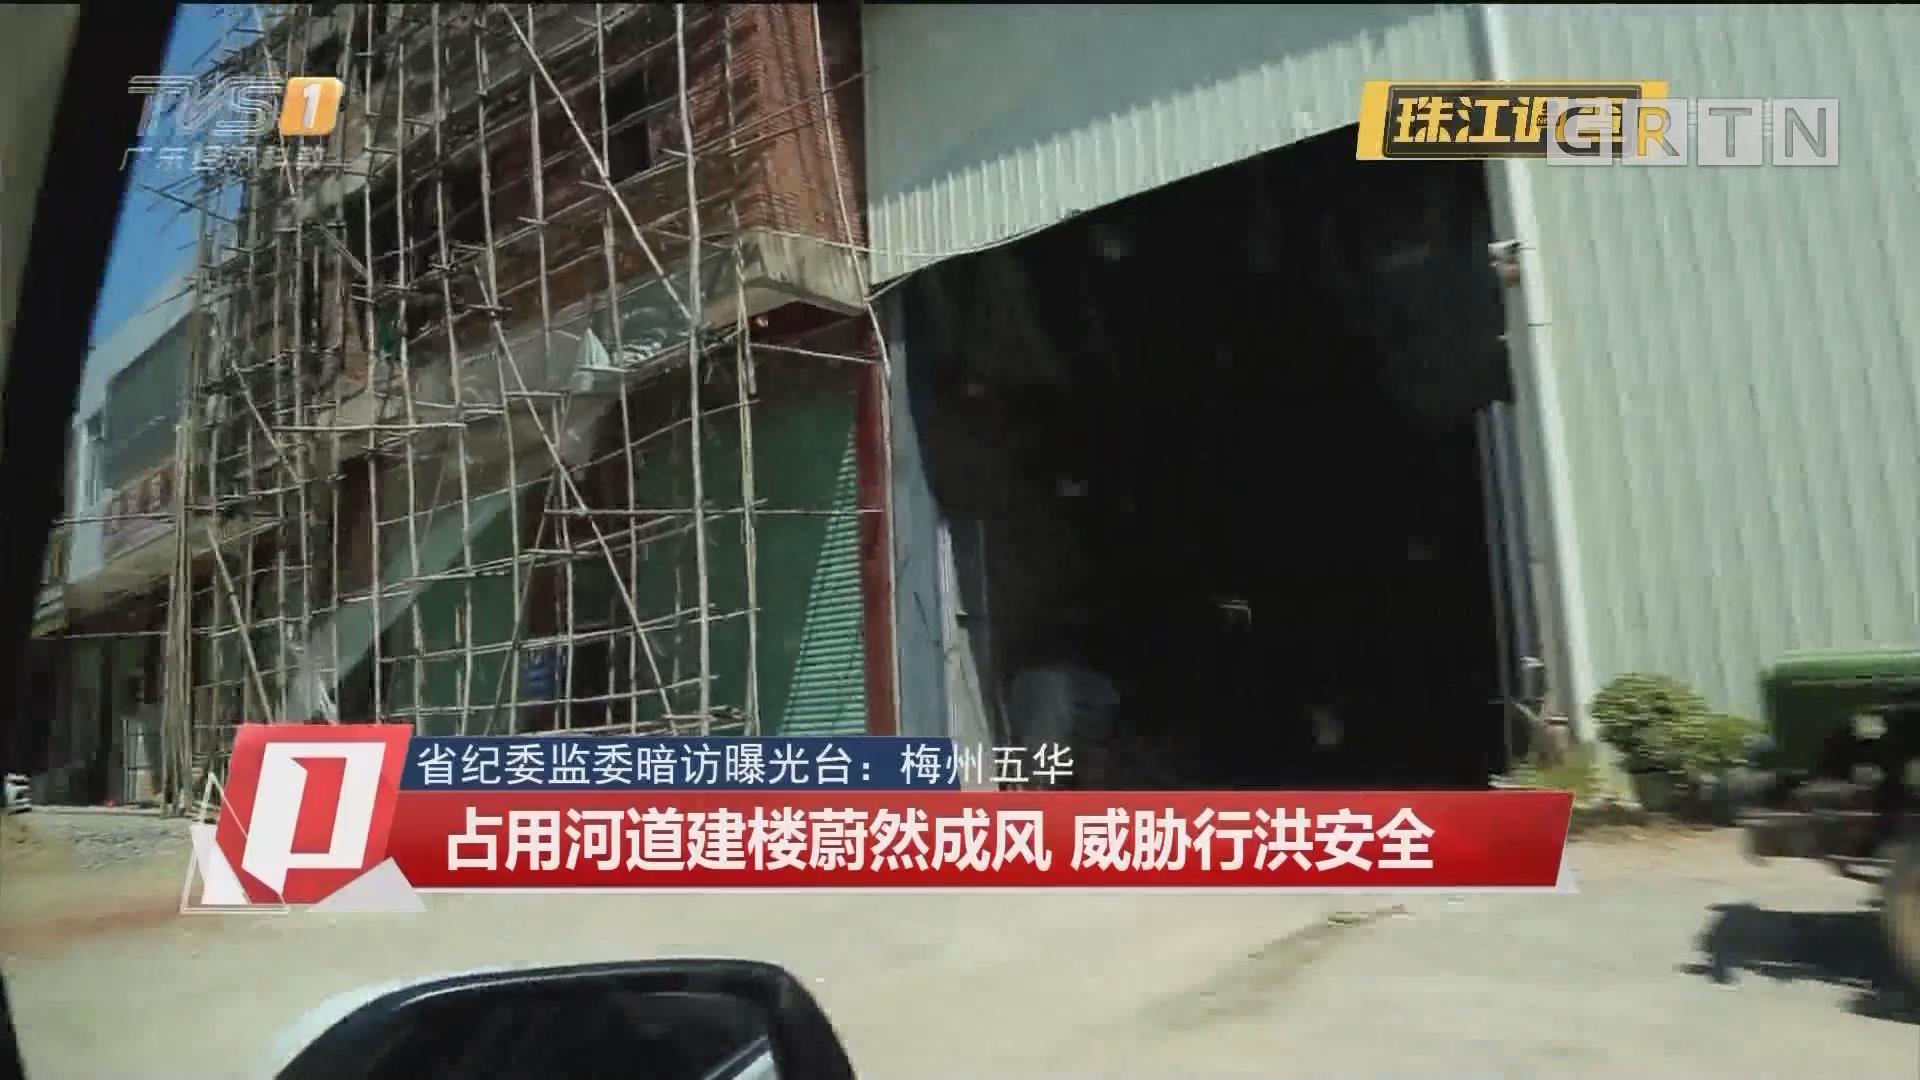 省纪委监委暗访曝光台:梅州五华 占用河道建楼蔚然成风 威胁行洪安全